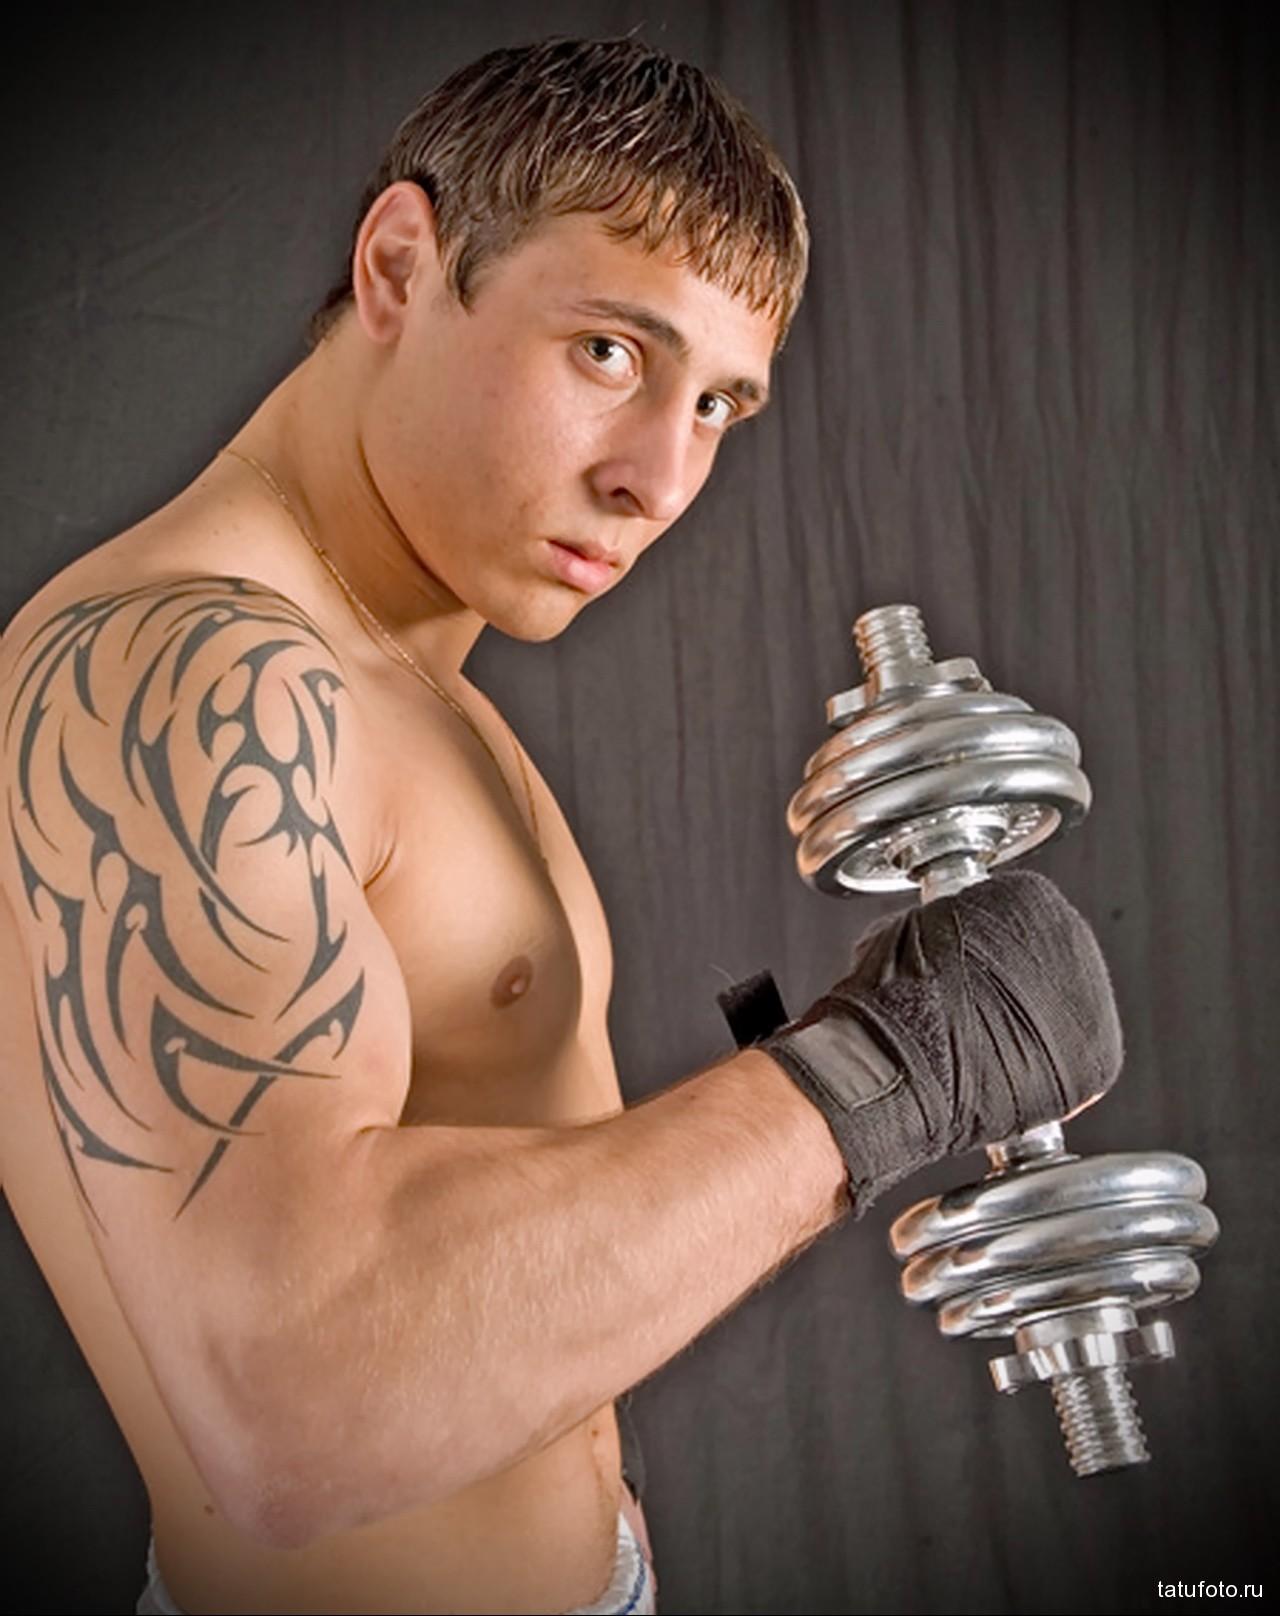 абстрактная татуировка на теле спортсмена - мужская татуировка на плече